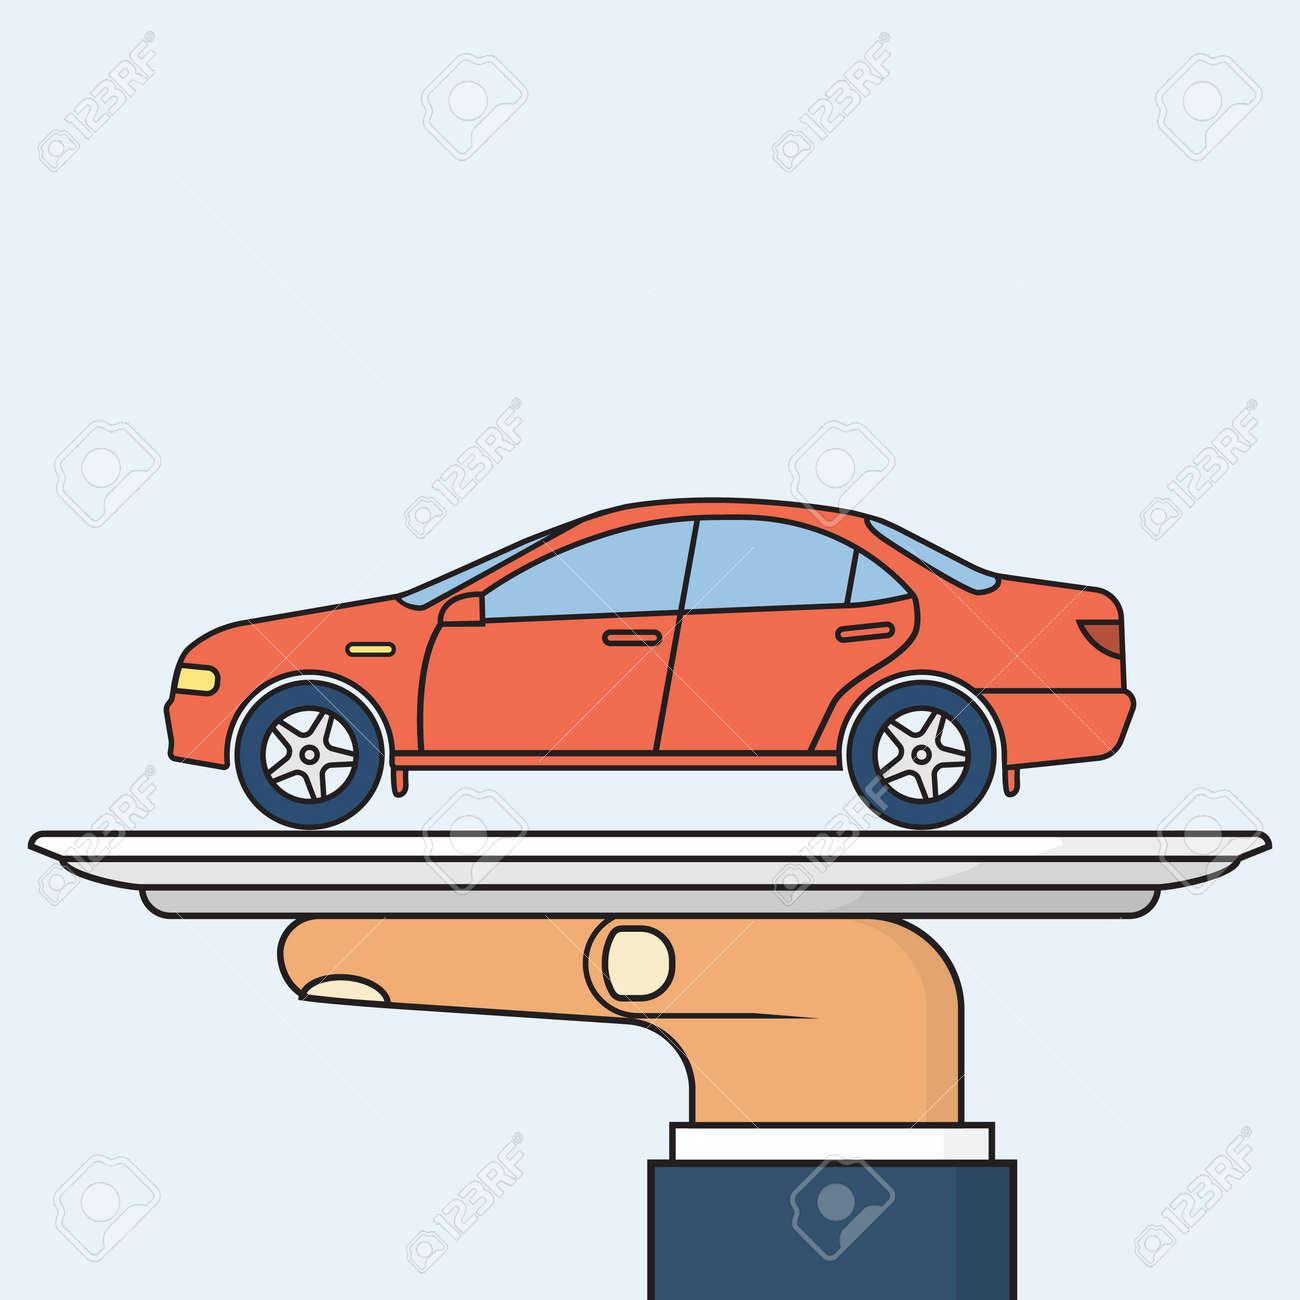 Erfreut Gebrauchtwagen Verkauf Vorlage Ideen ...